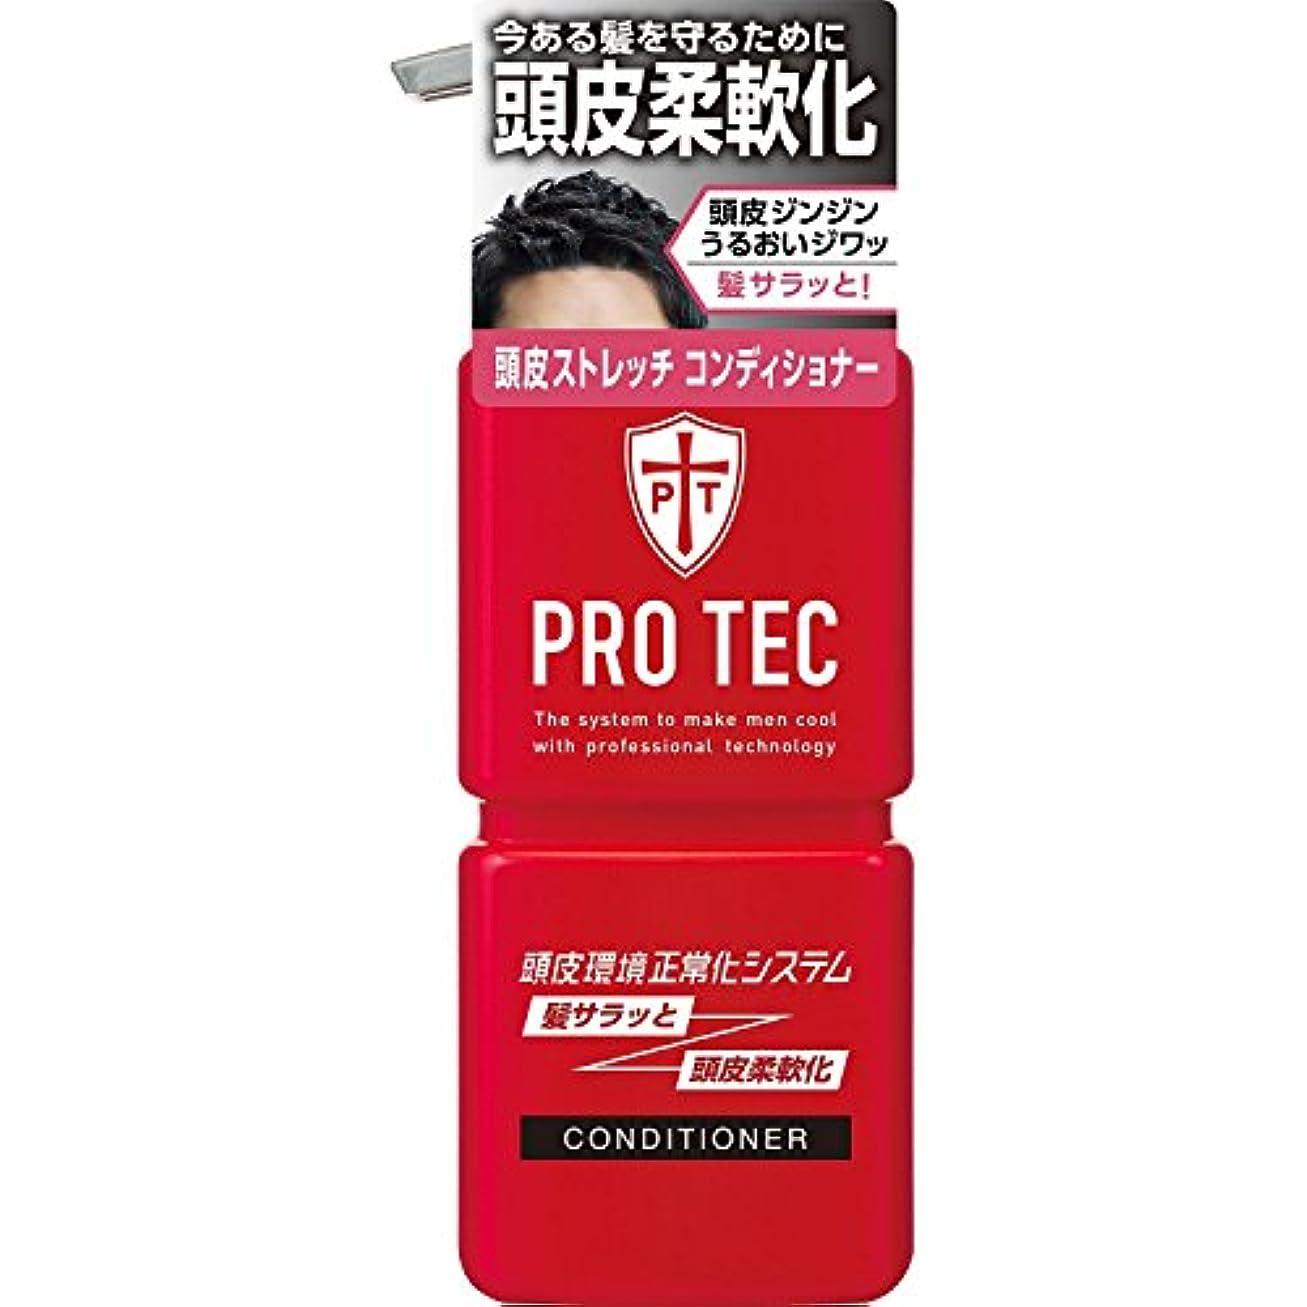 勝つニュース窓PRO TEC(プロテク) 頭皮ストレッチ コンディショナー 本体ポンプ 300g